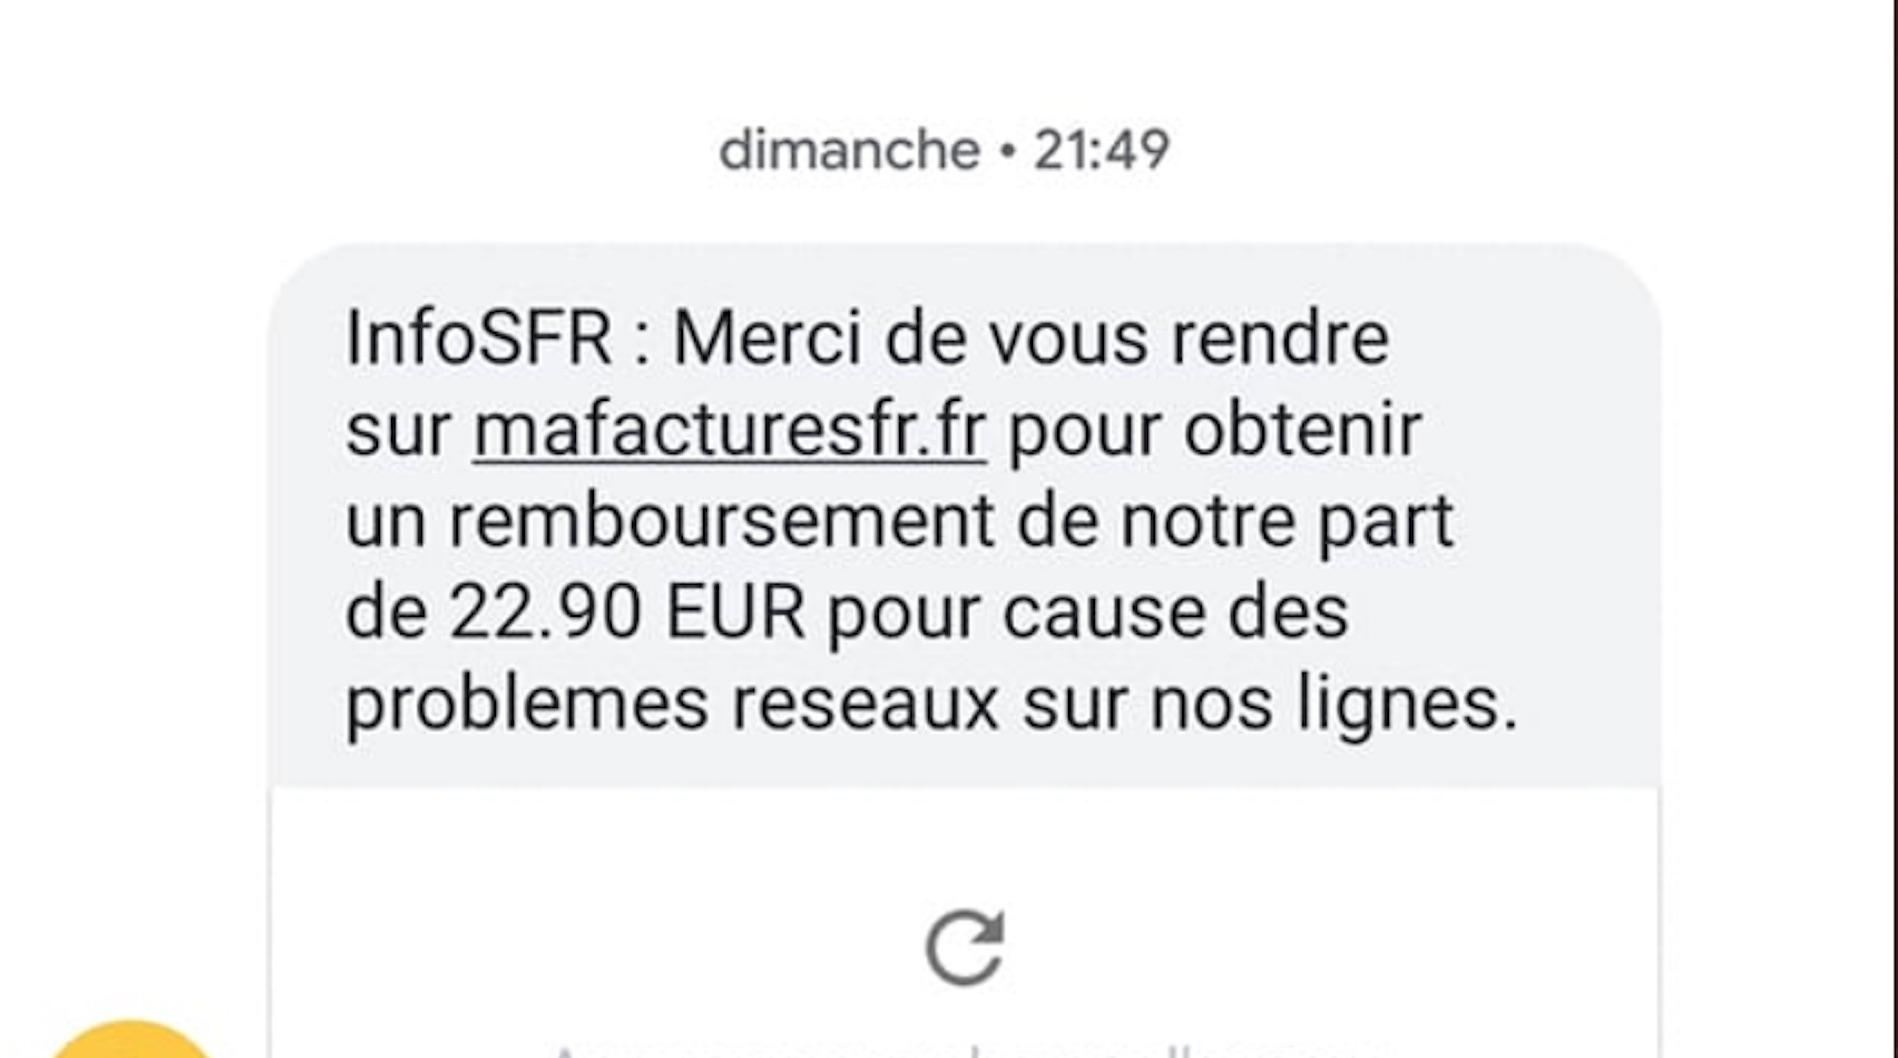 SFR vous propose par SMS un remboursement à cause de «problèmes réseaux»? Attention, c'est un phishing